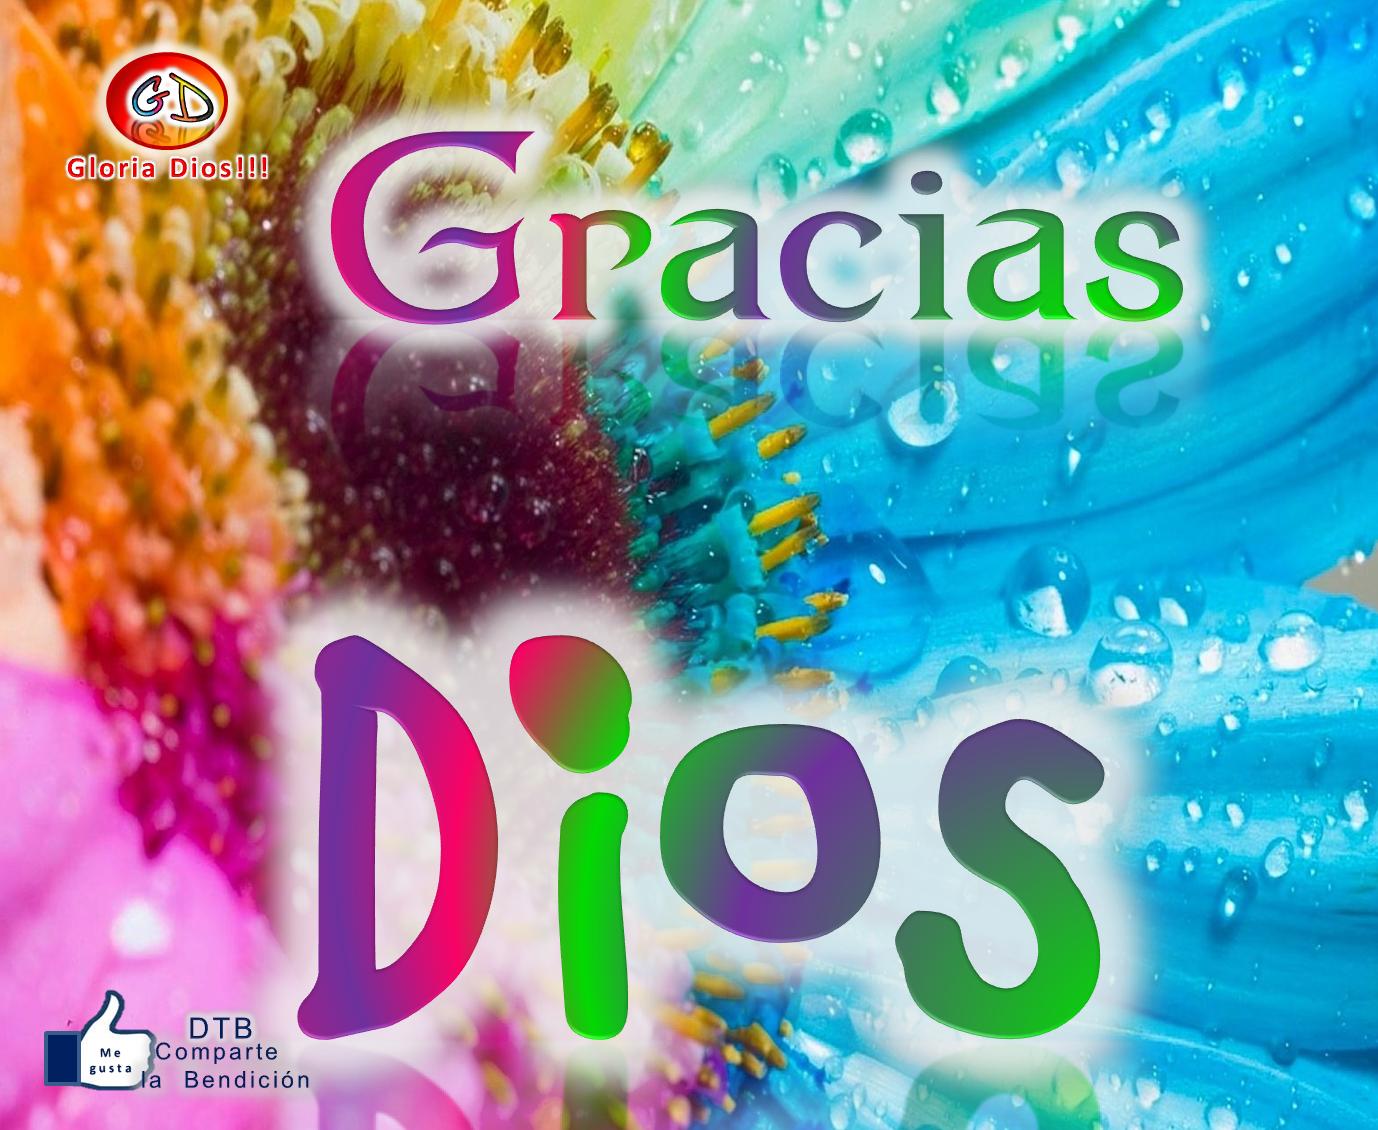 Gloria Diospalabra De Dios Imágenes Y Mensajes Cristianos